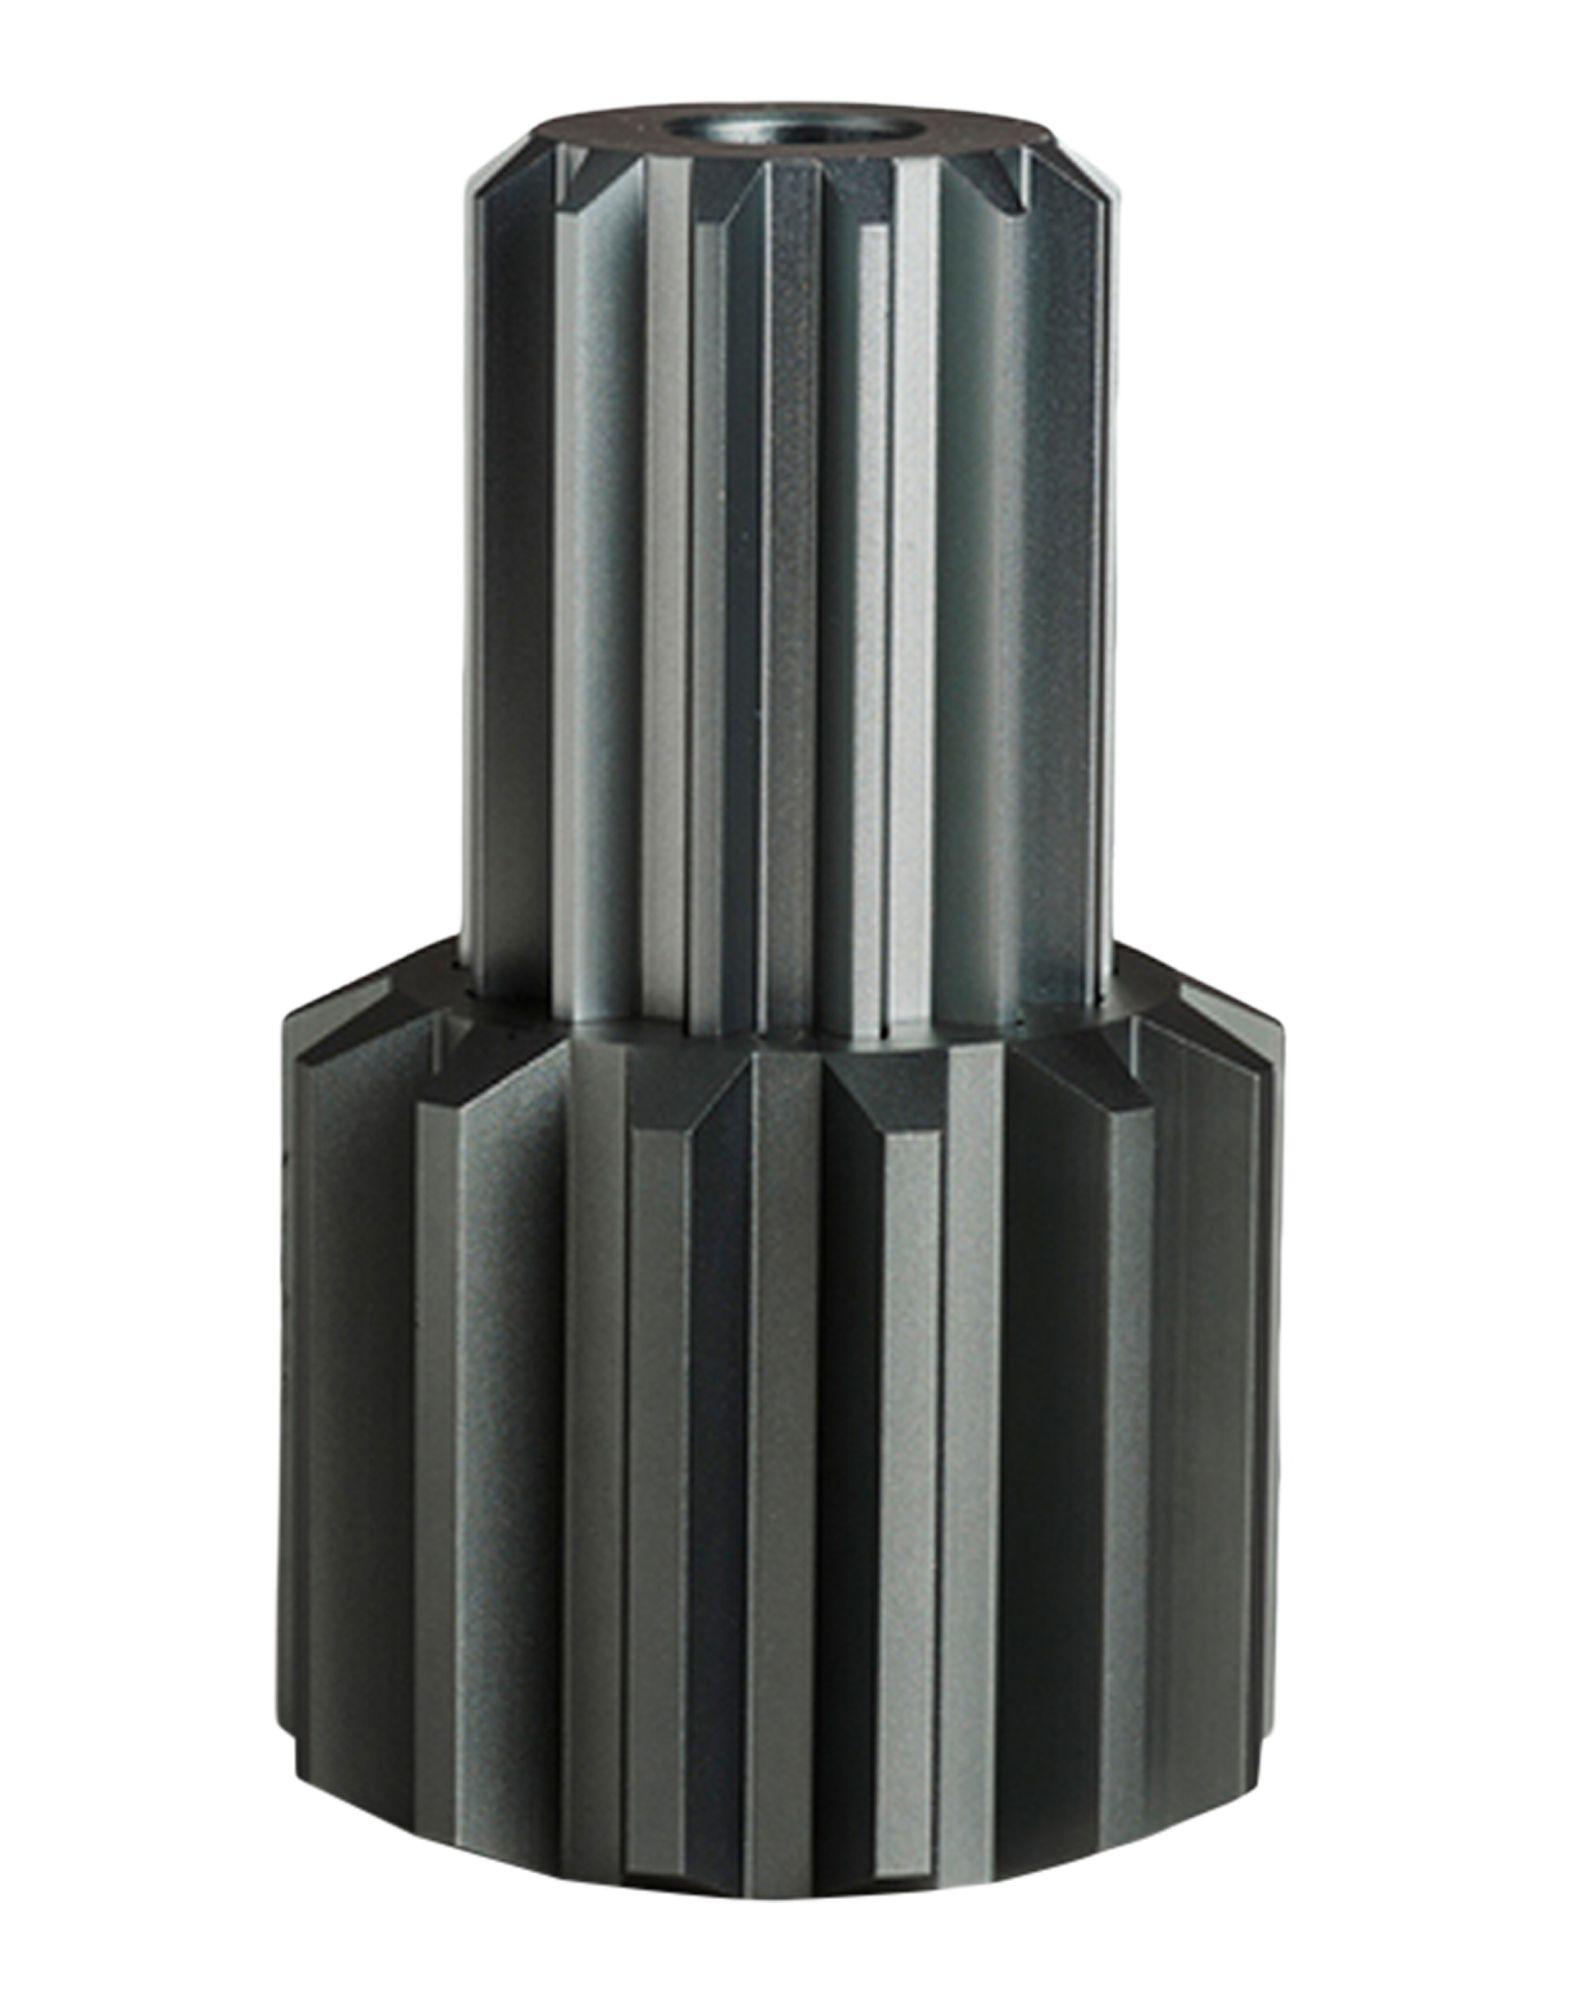 《送料無料》NEW WORKS Unisex キャンドルスタンド グレー アルミニウム Gear